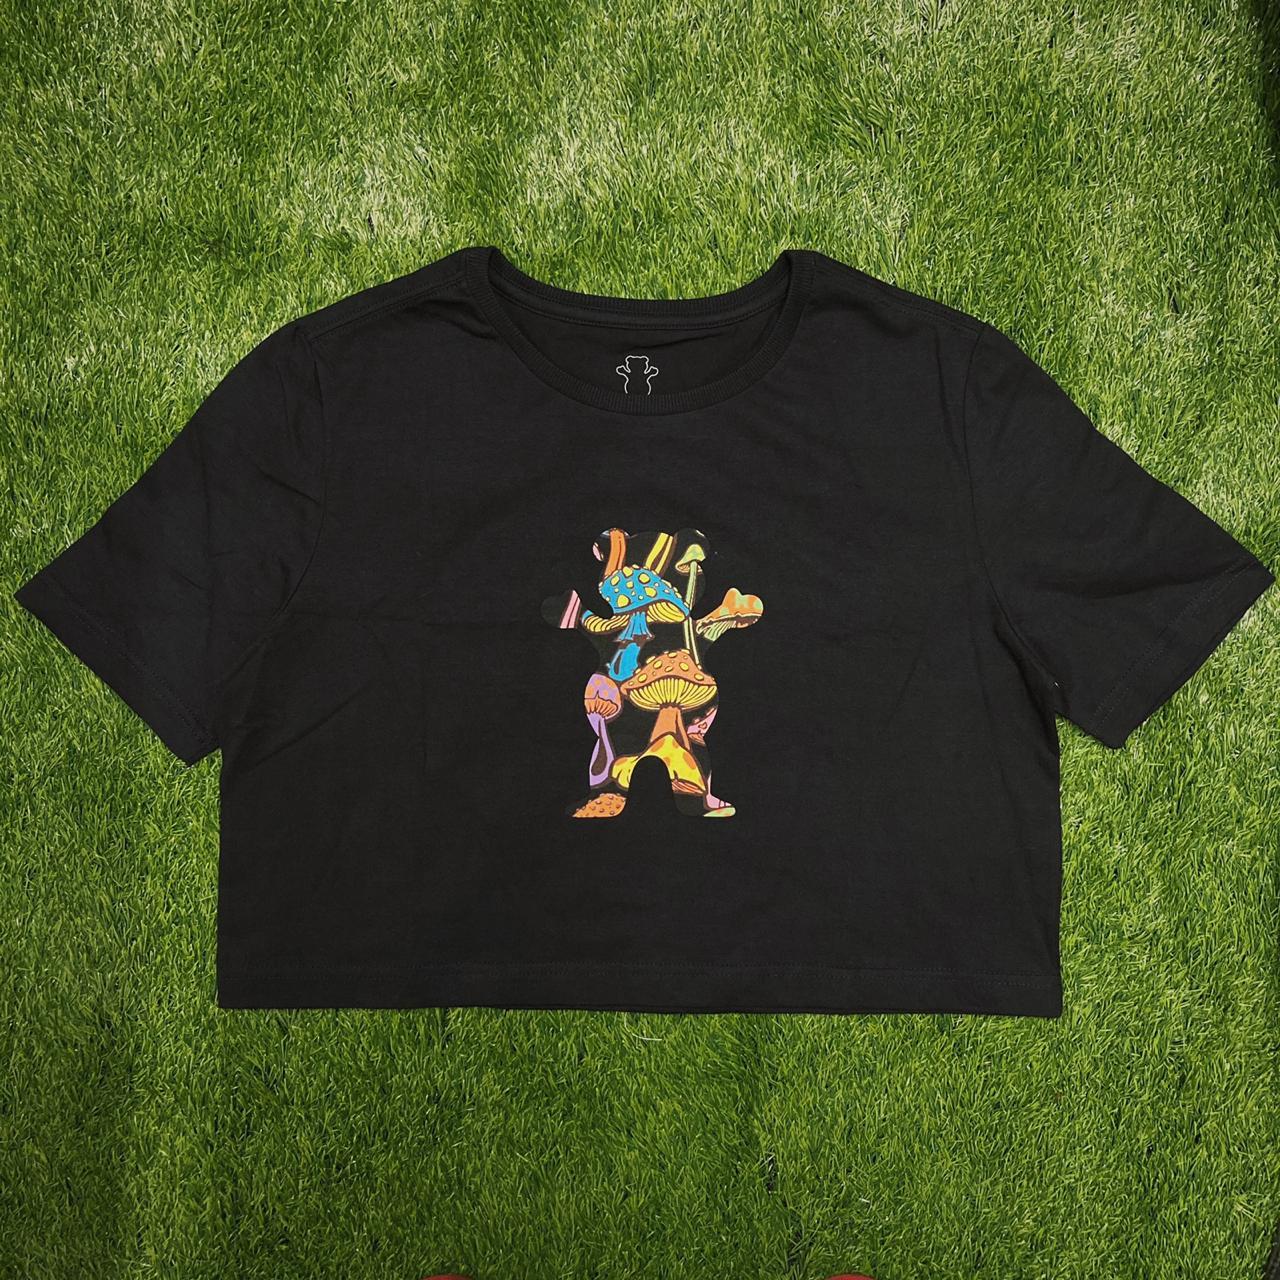 Camiseta feminina  cropped grizzly fungi og